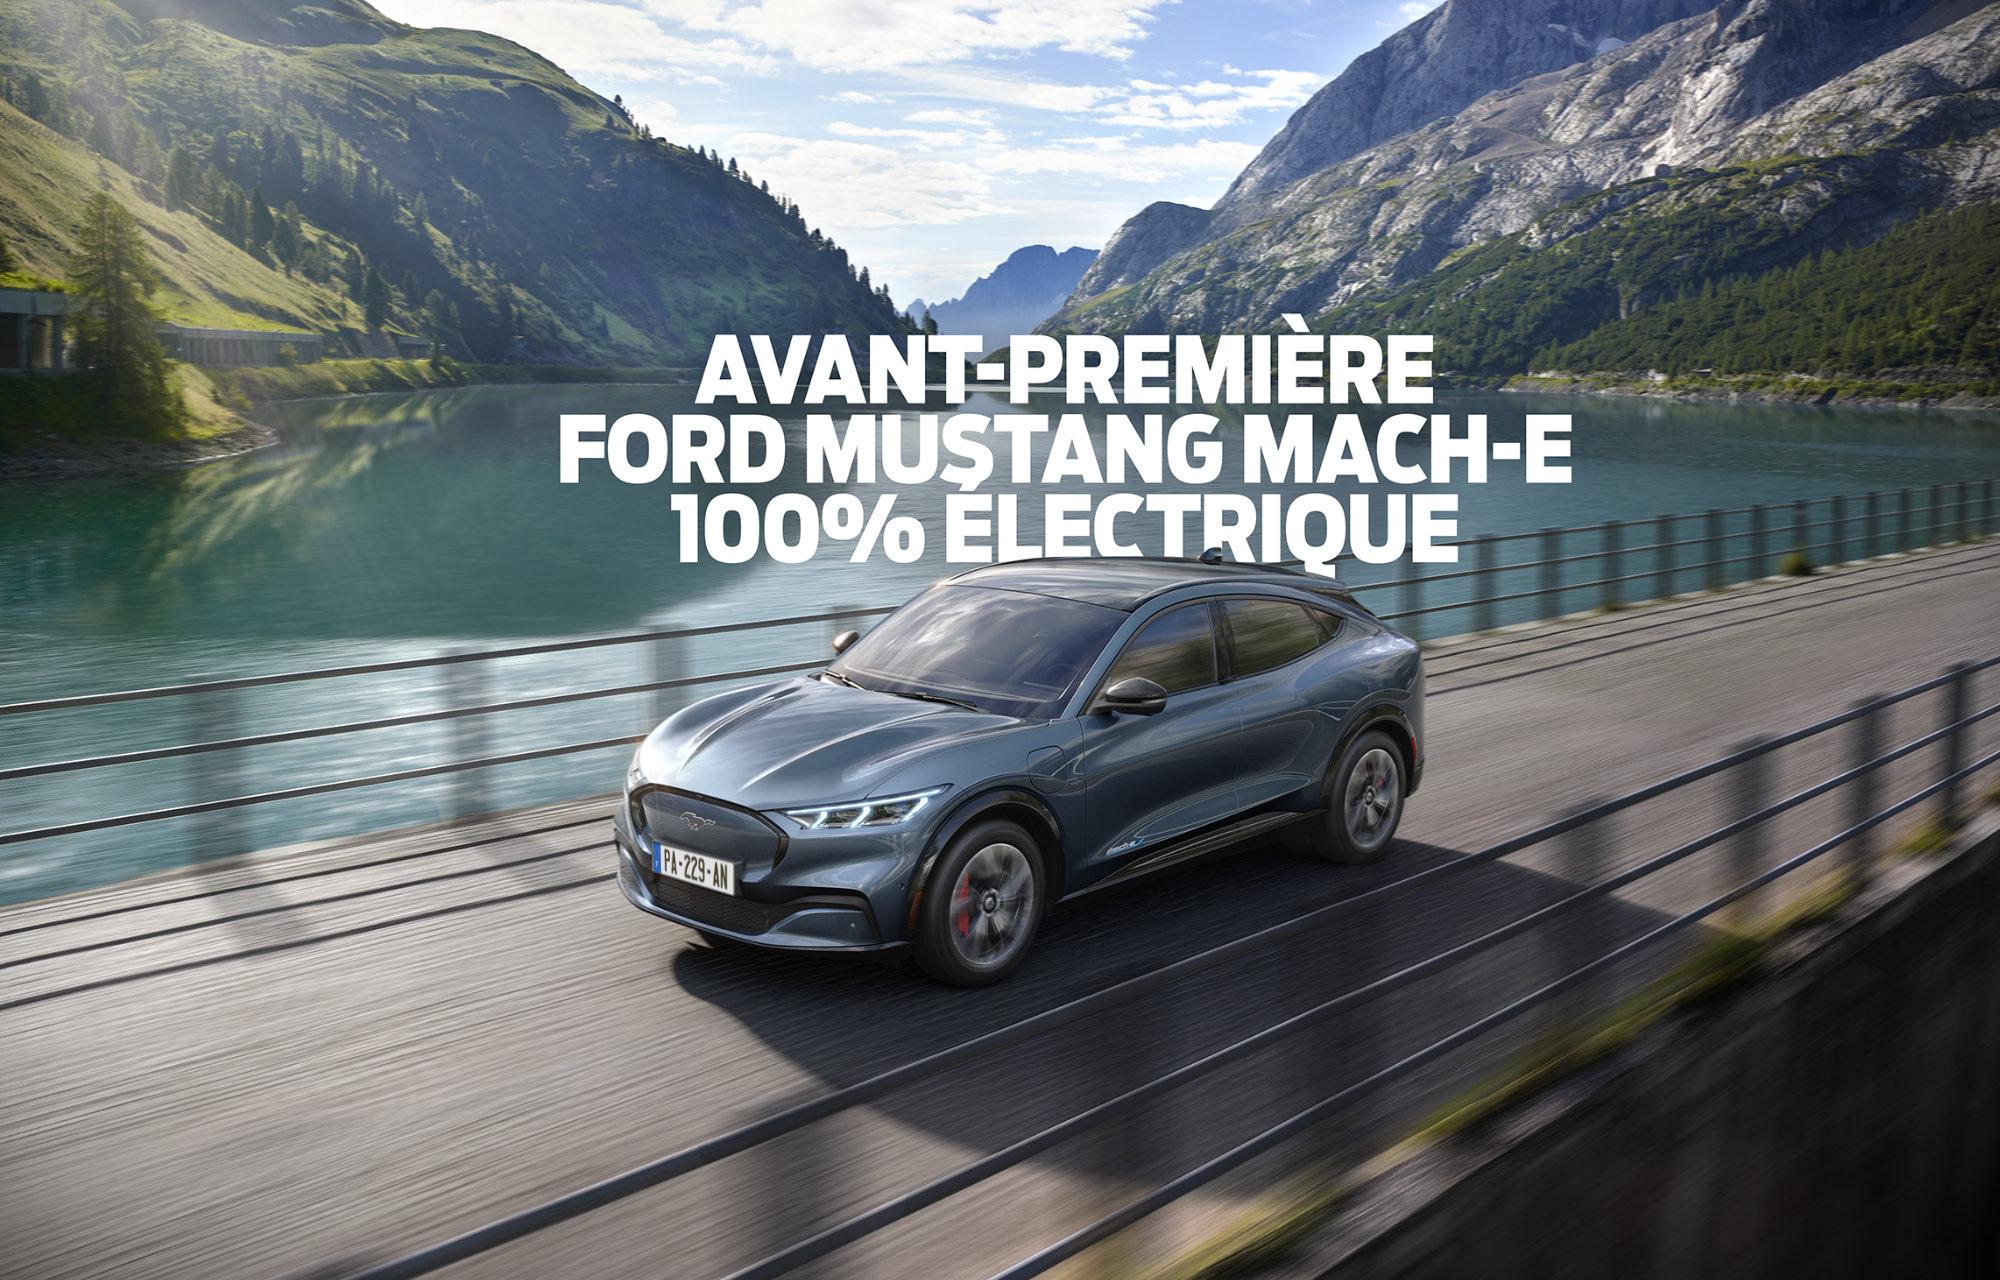 Venez essayer la Nouvelle Ford Mustang Mach-E